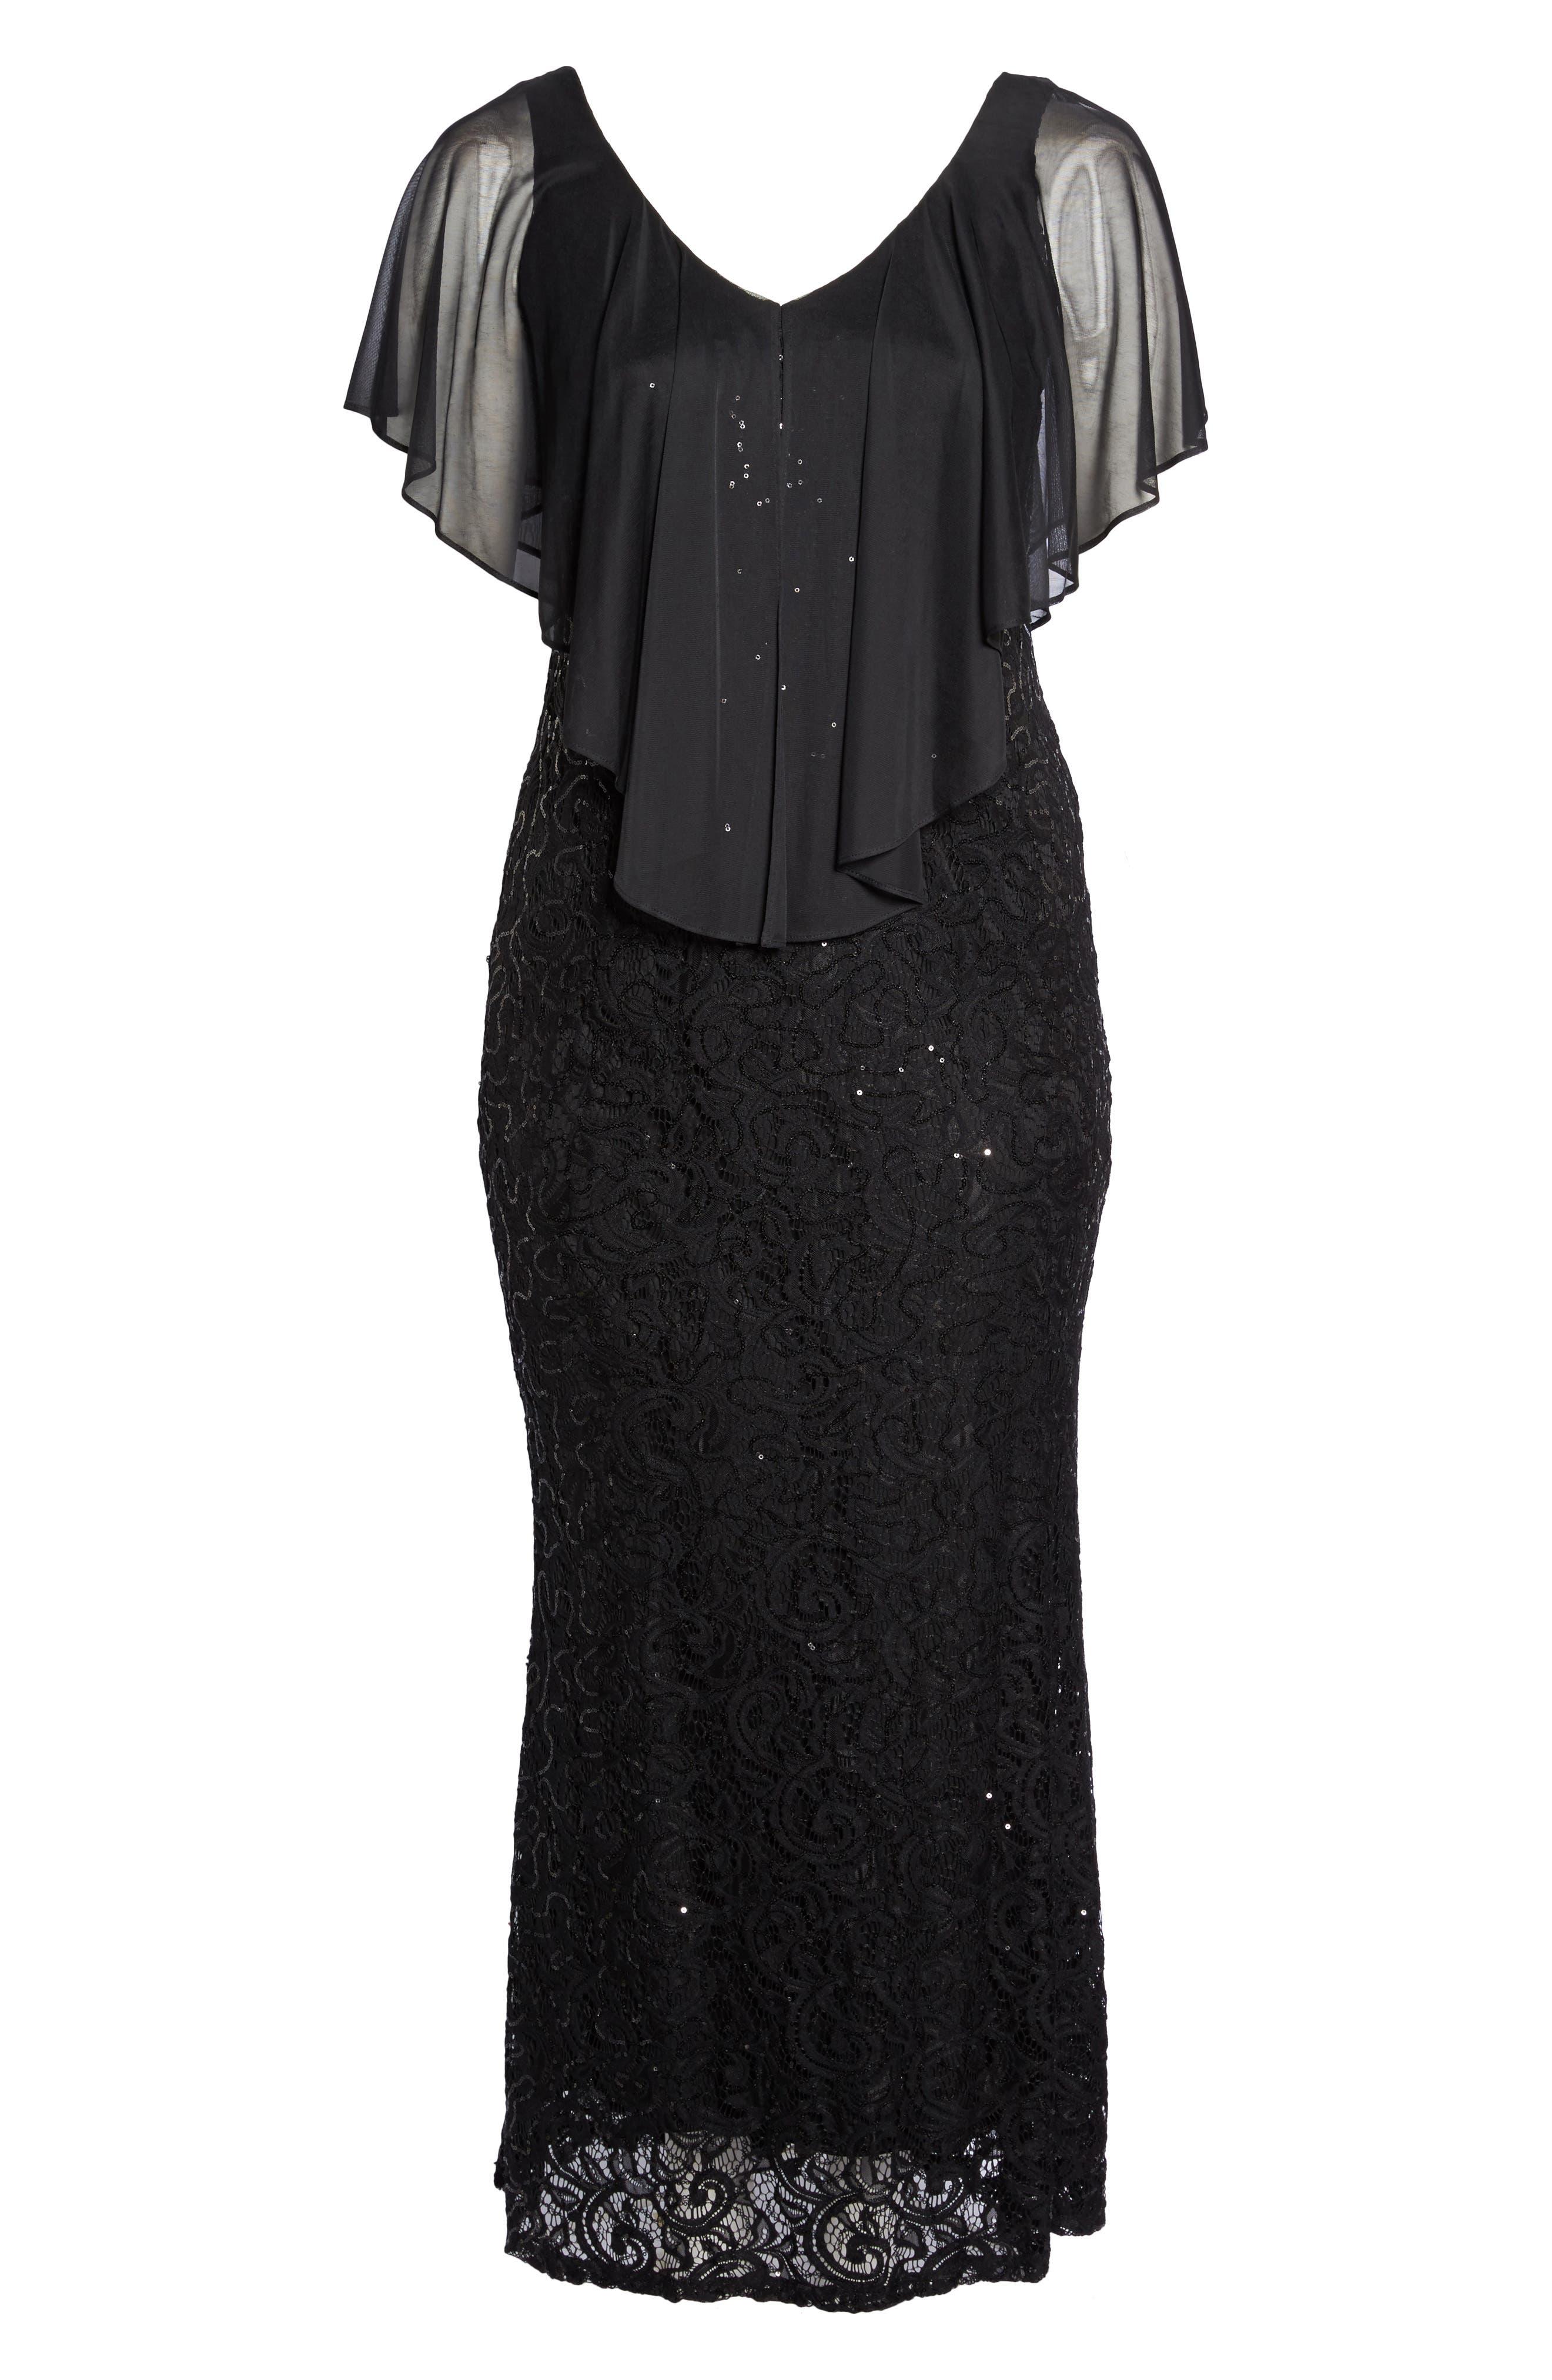 Capelet Sequin Lace A-Line Gown,                             Alternate thumbnail 6, color,                             001